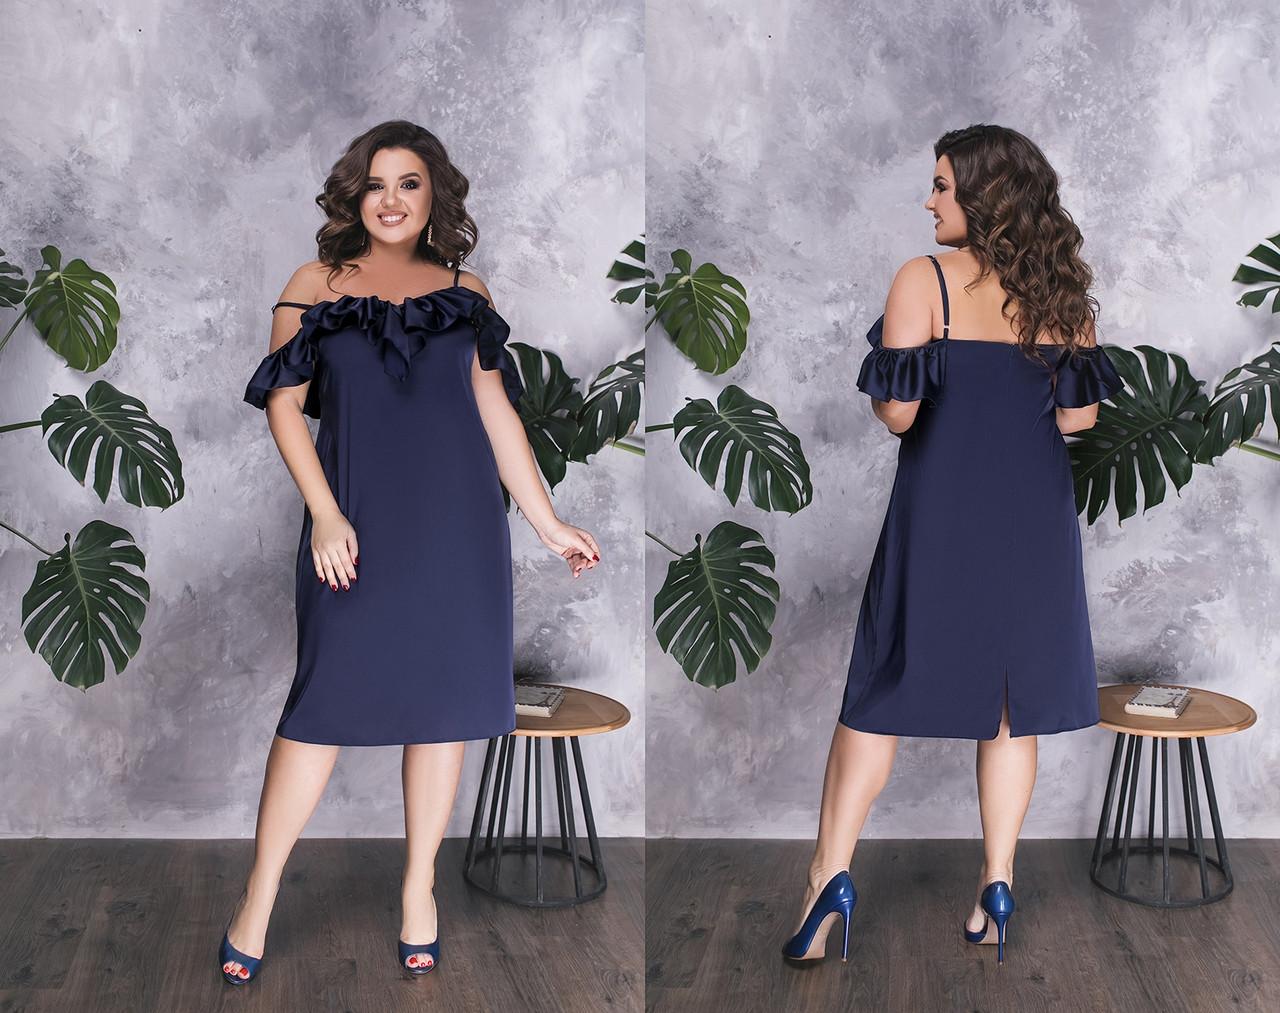 Женское шелковое платье большого размера с открытыми плечами.Большие размеры:48-58.+Цвета